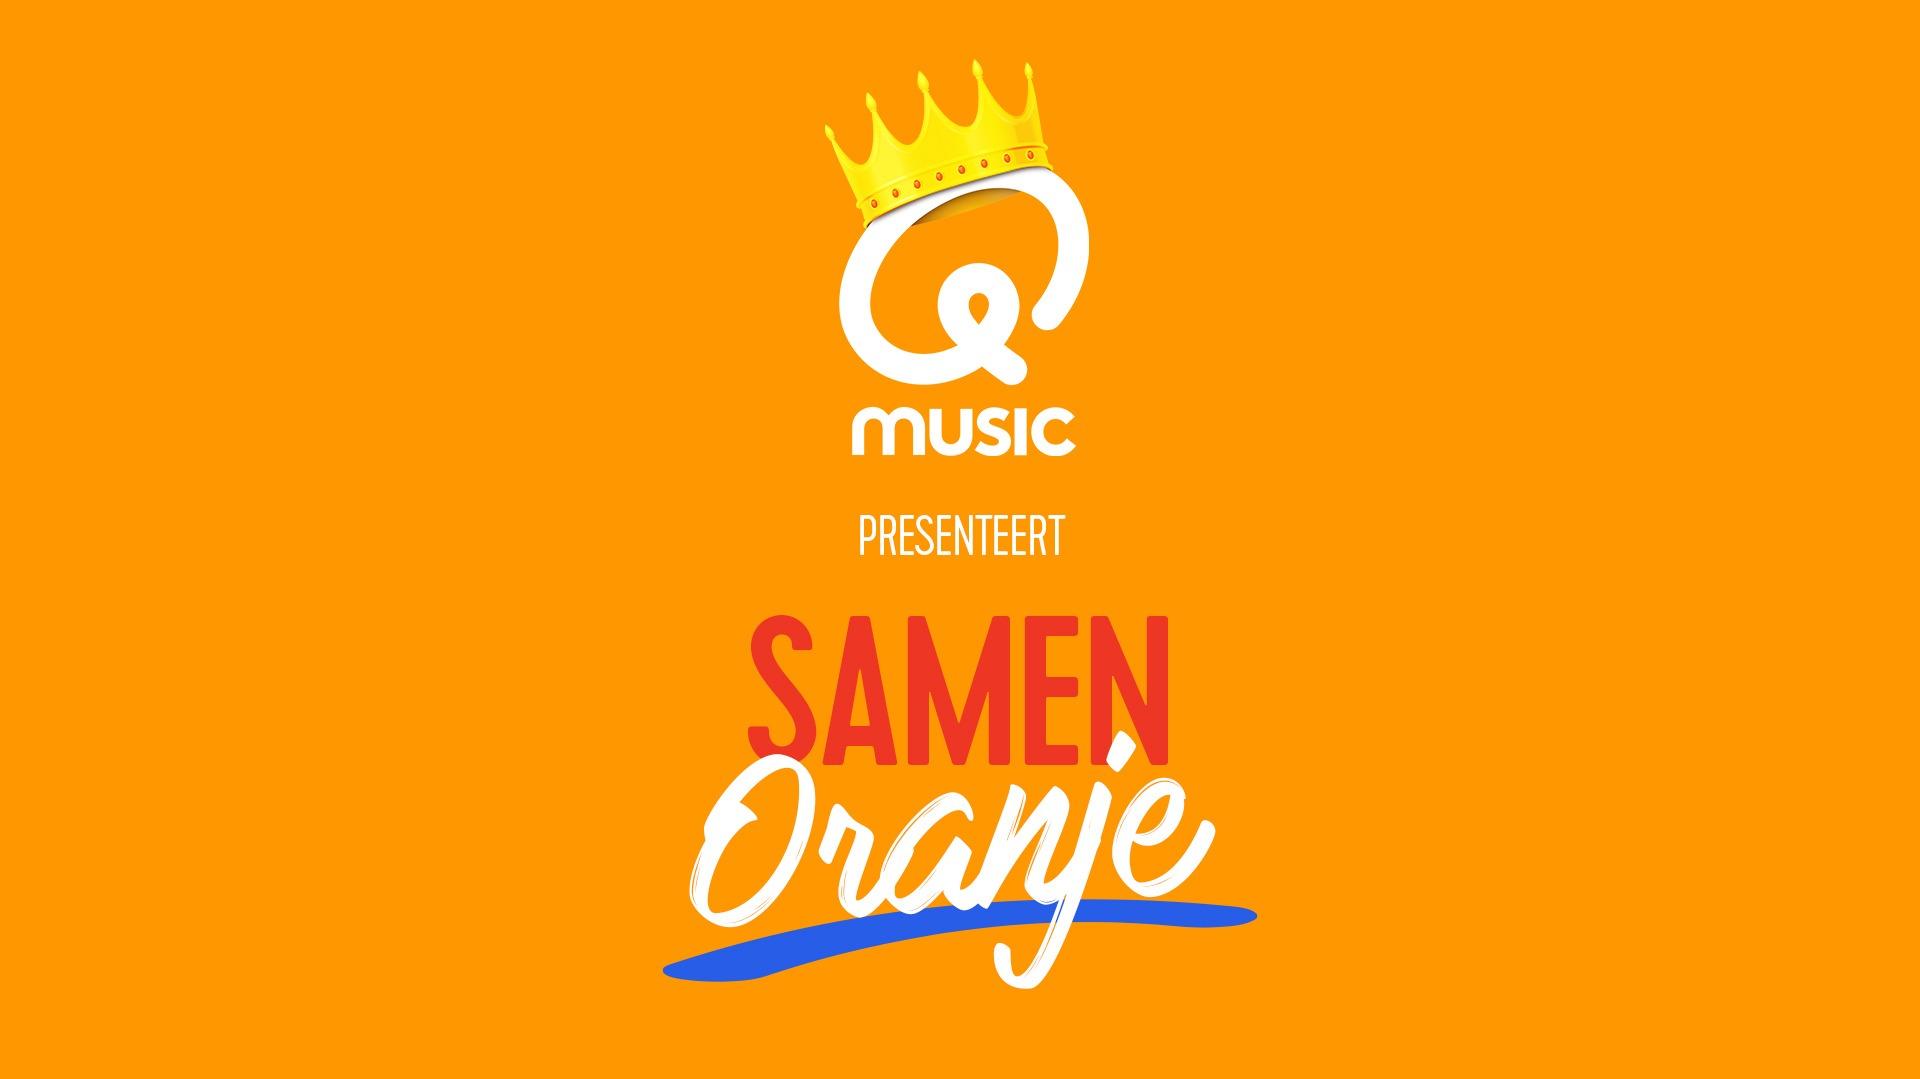 Samen oranje 3